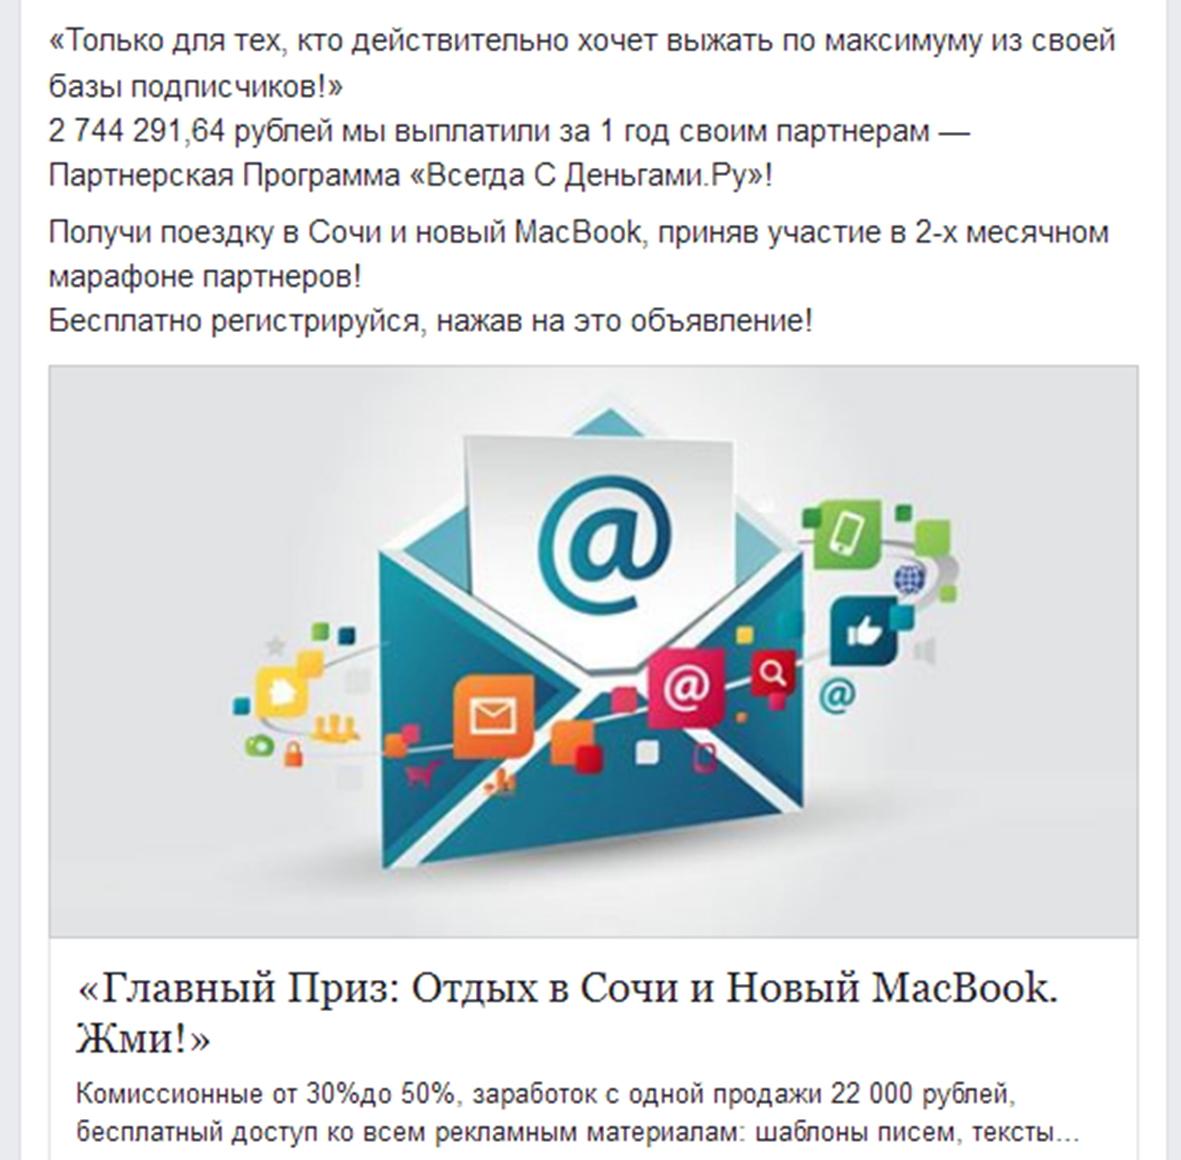 Пример еще одного созданного объявления, для рекламы в Инстаграм